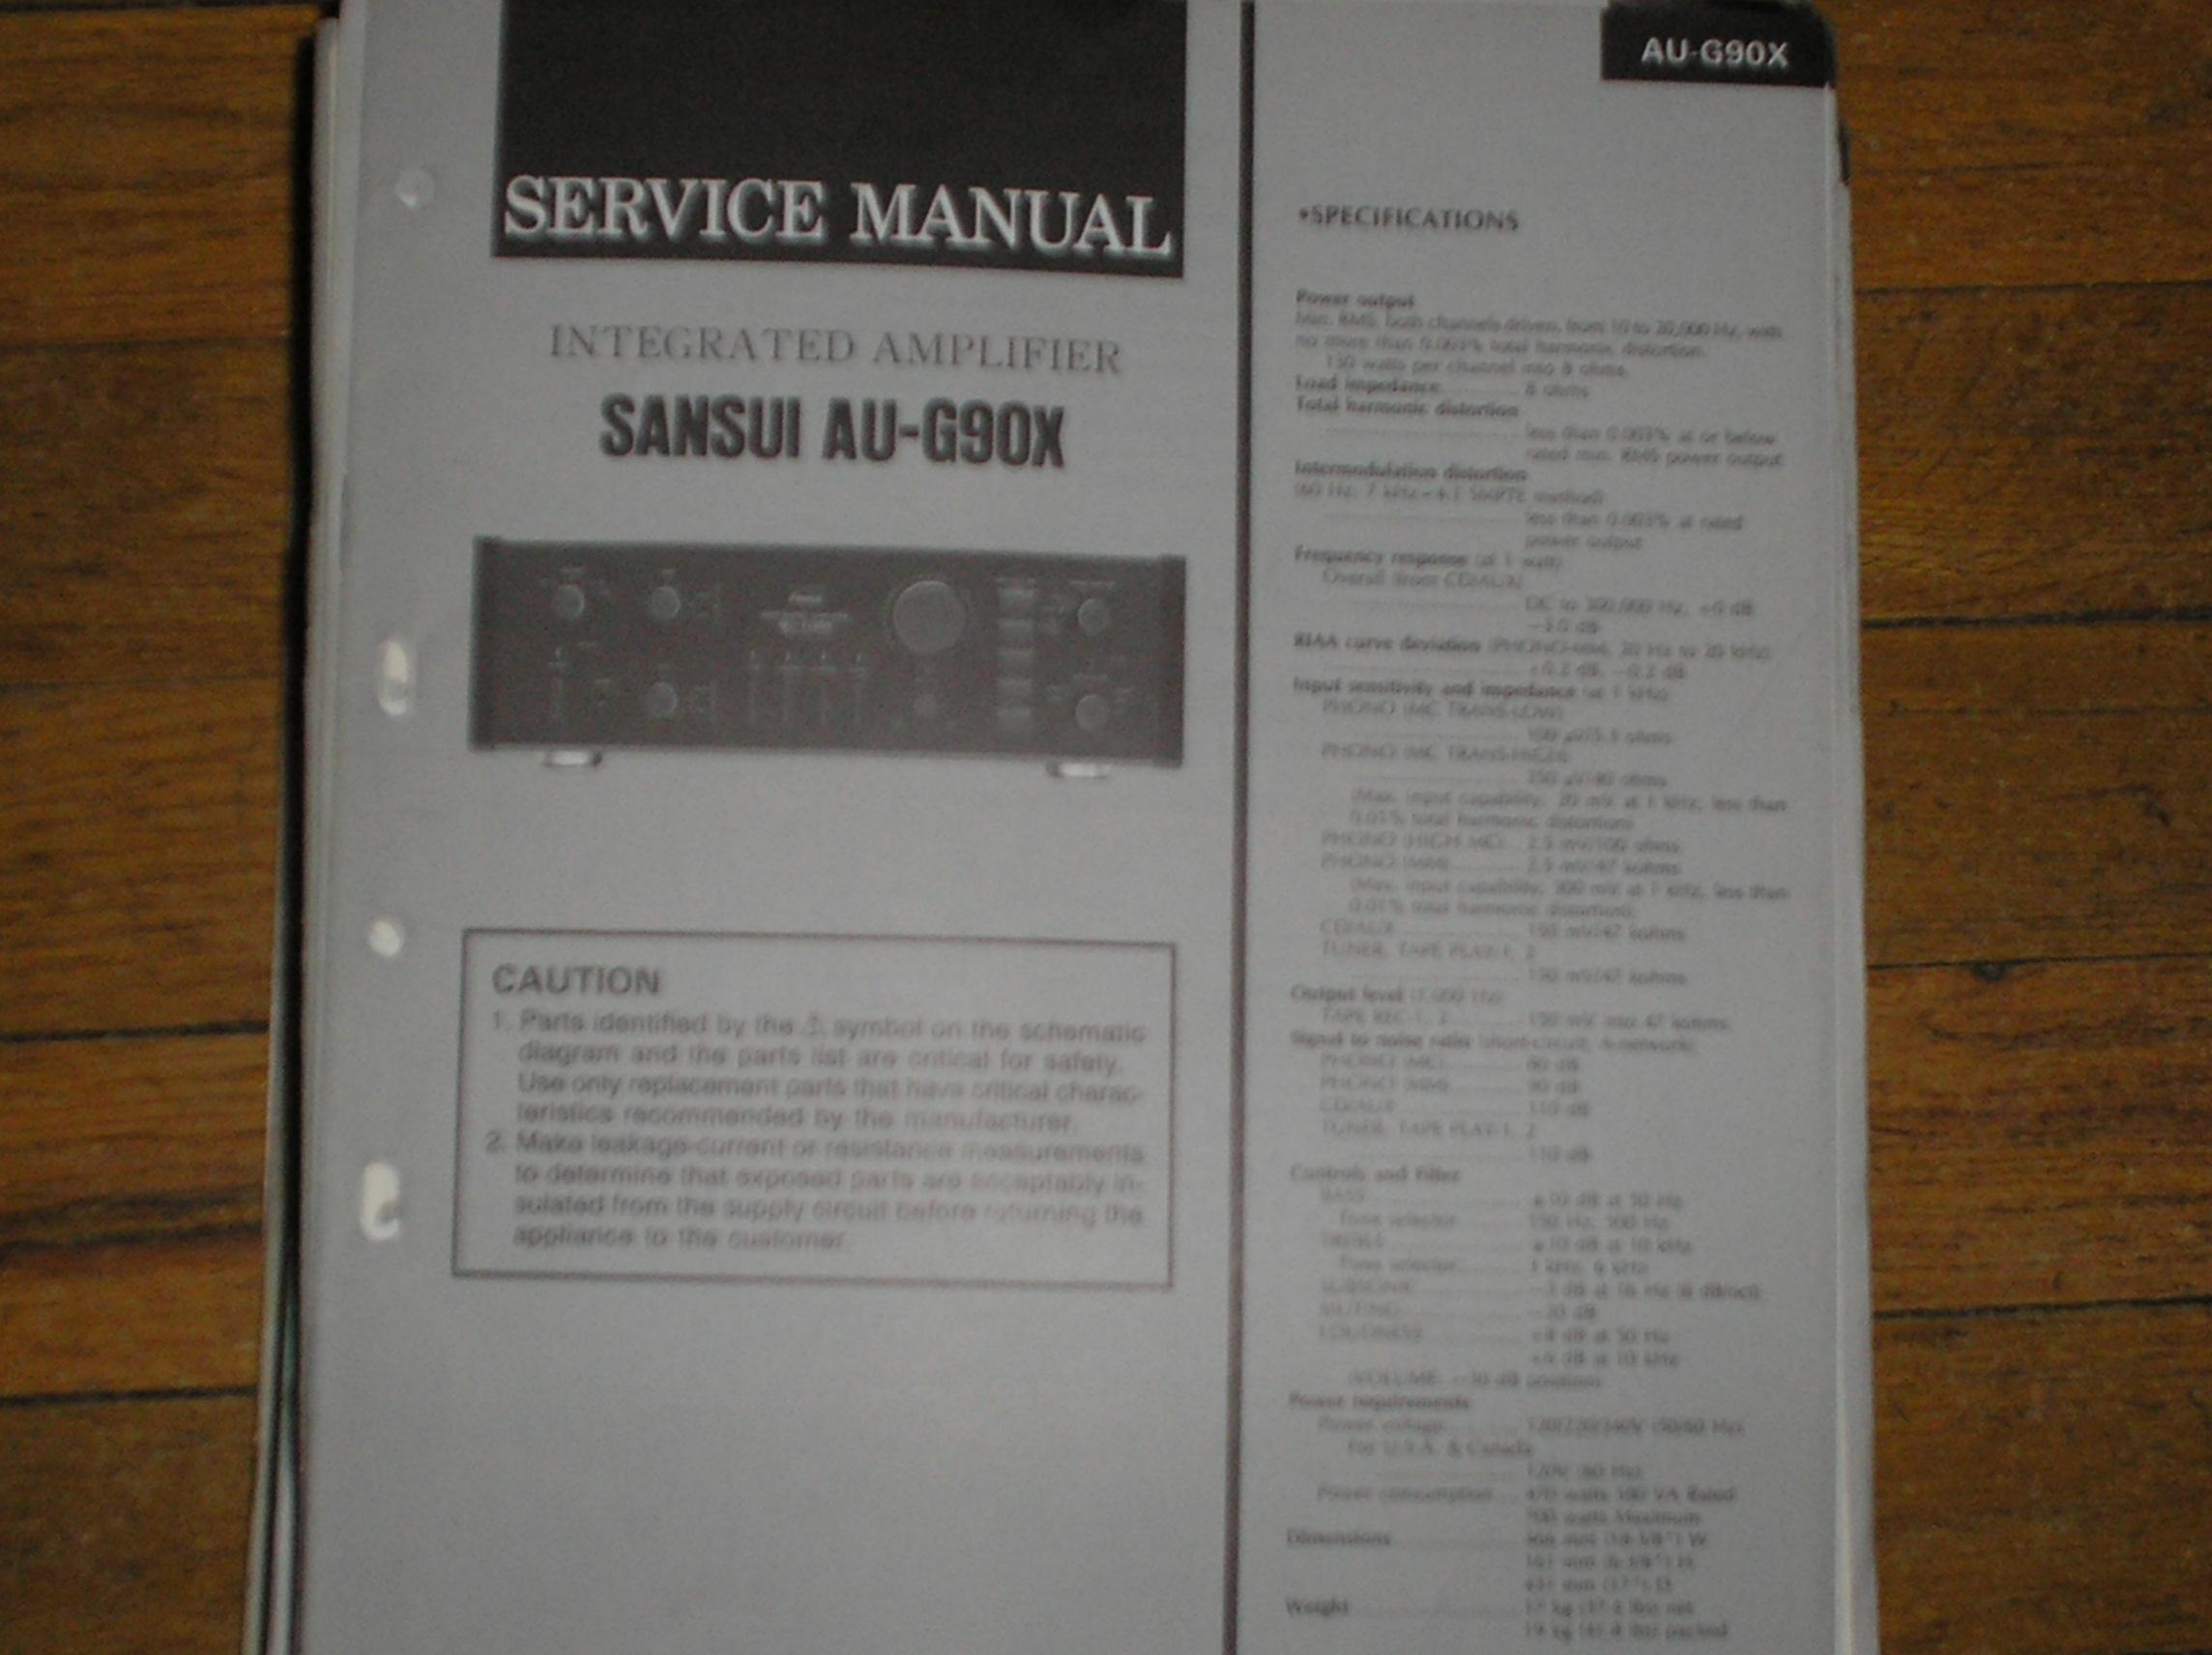 AU-G90X Amplifier Service Manual